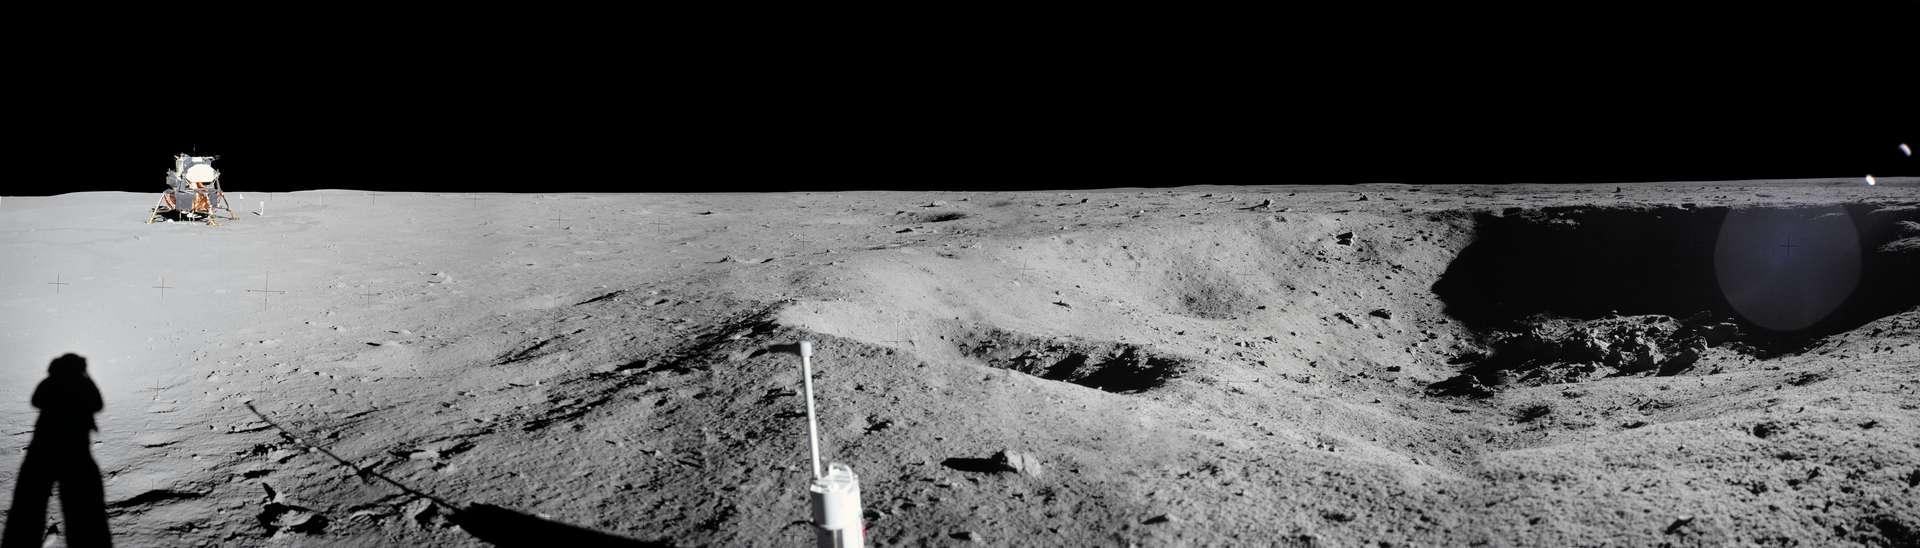 Panorama de la base de la Tranquillité, site des premiers pas de l'Homme sur la Lune le 21 juillet 1969, reconstitué à partir des images prises par Neil Armstrong. © Neil Armstrong, Apollo 11, Nasa